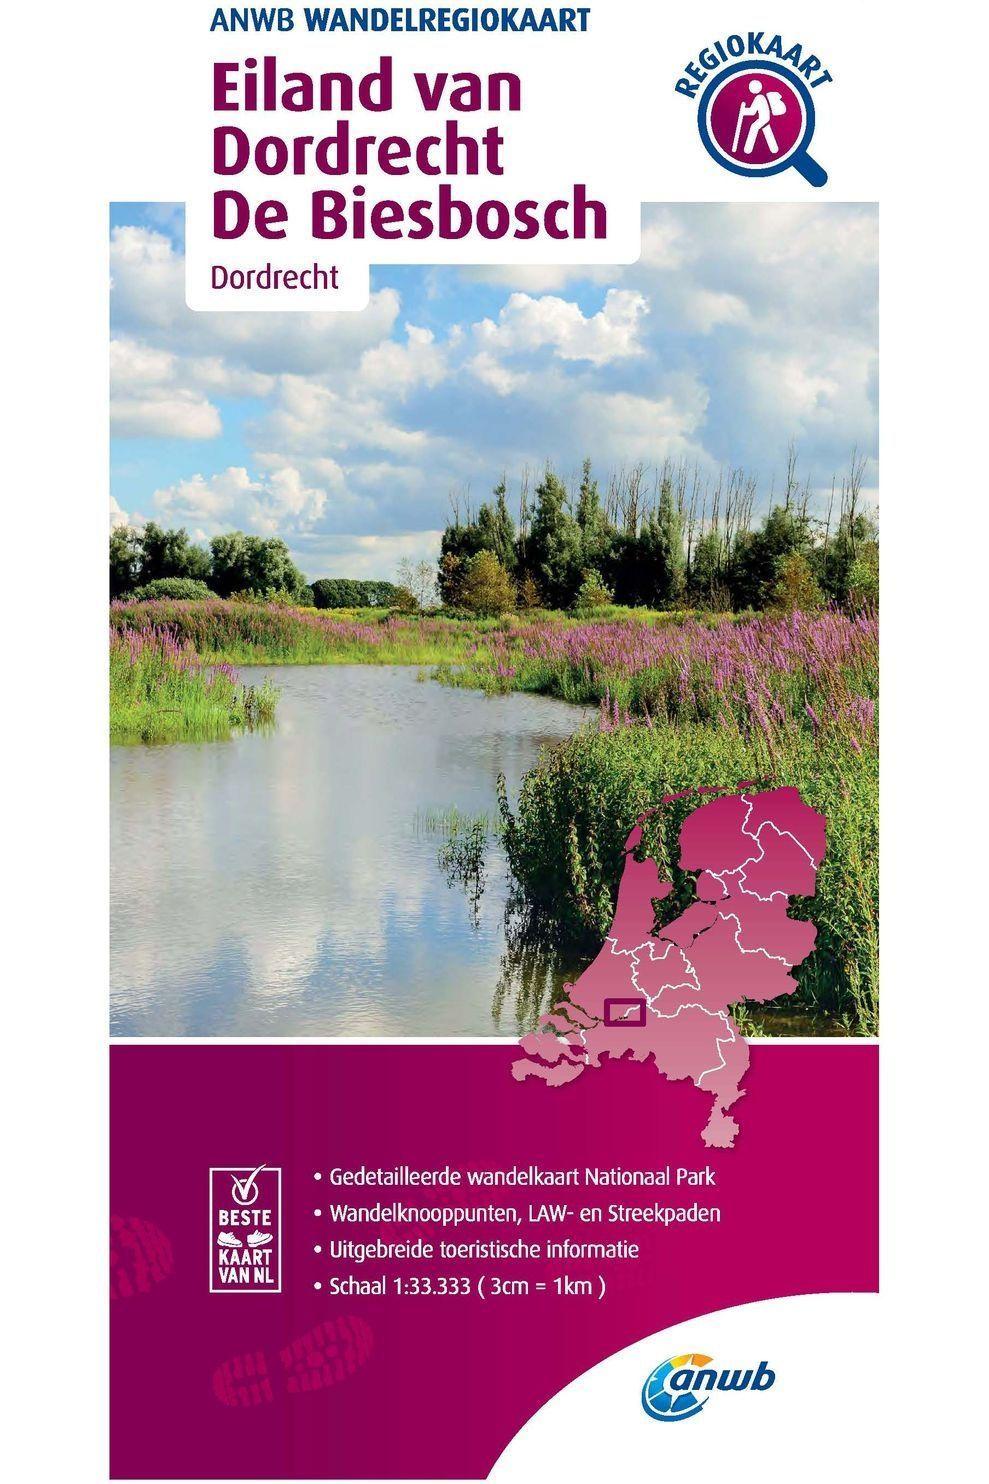 ANWB Eiland Van Dordrecht, Biesbosch Wandelregiokaart - 2020